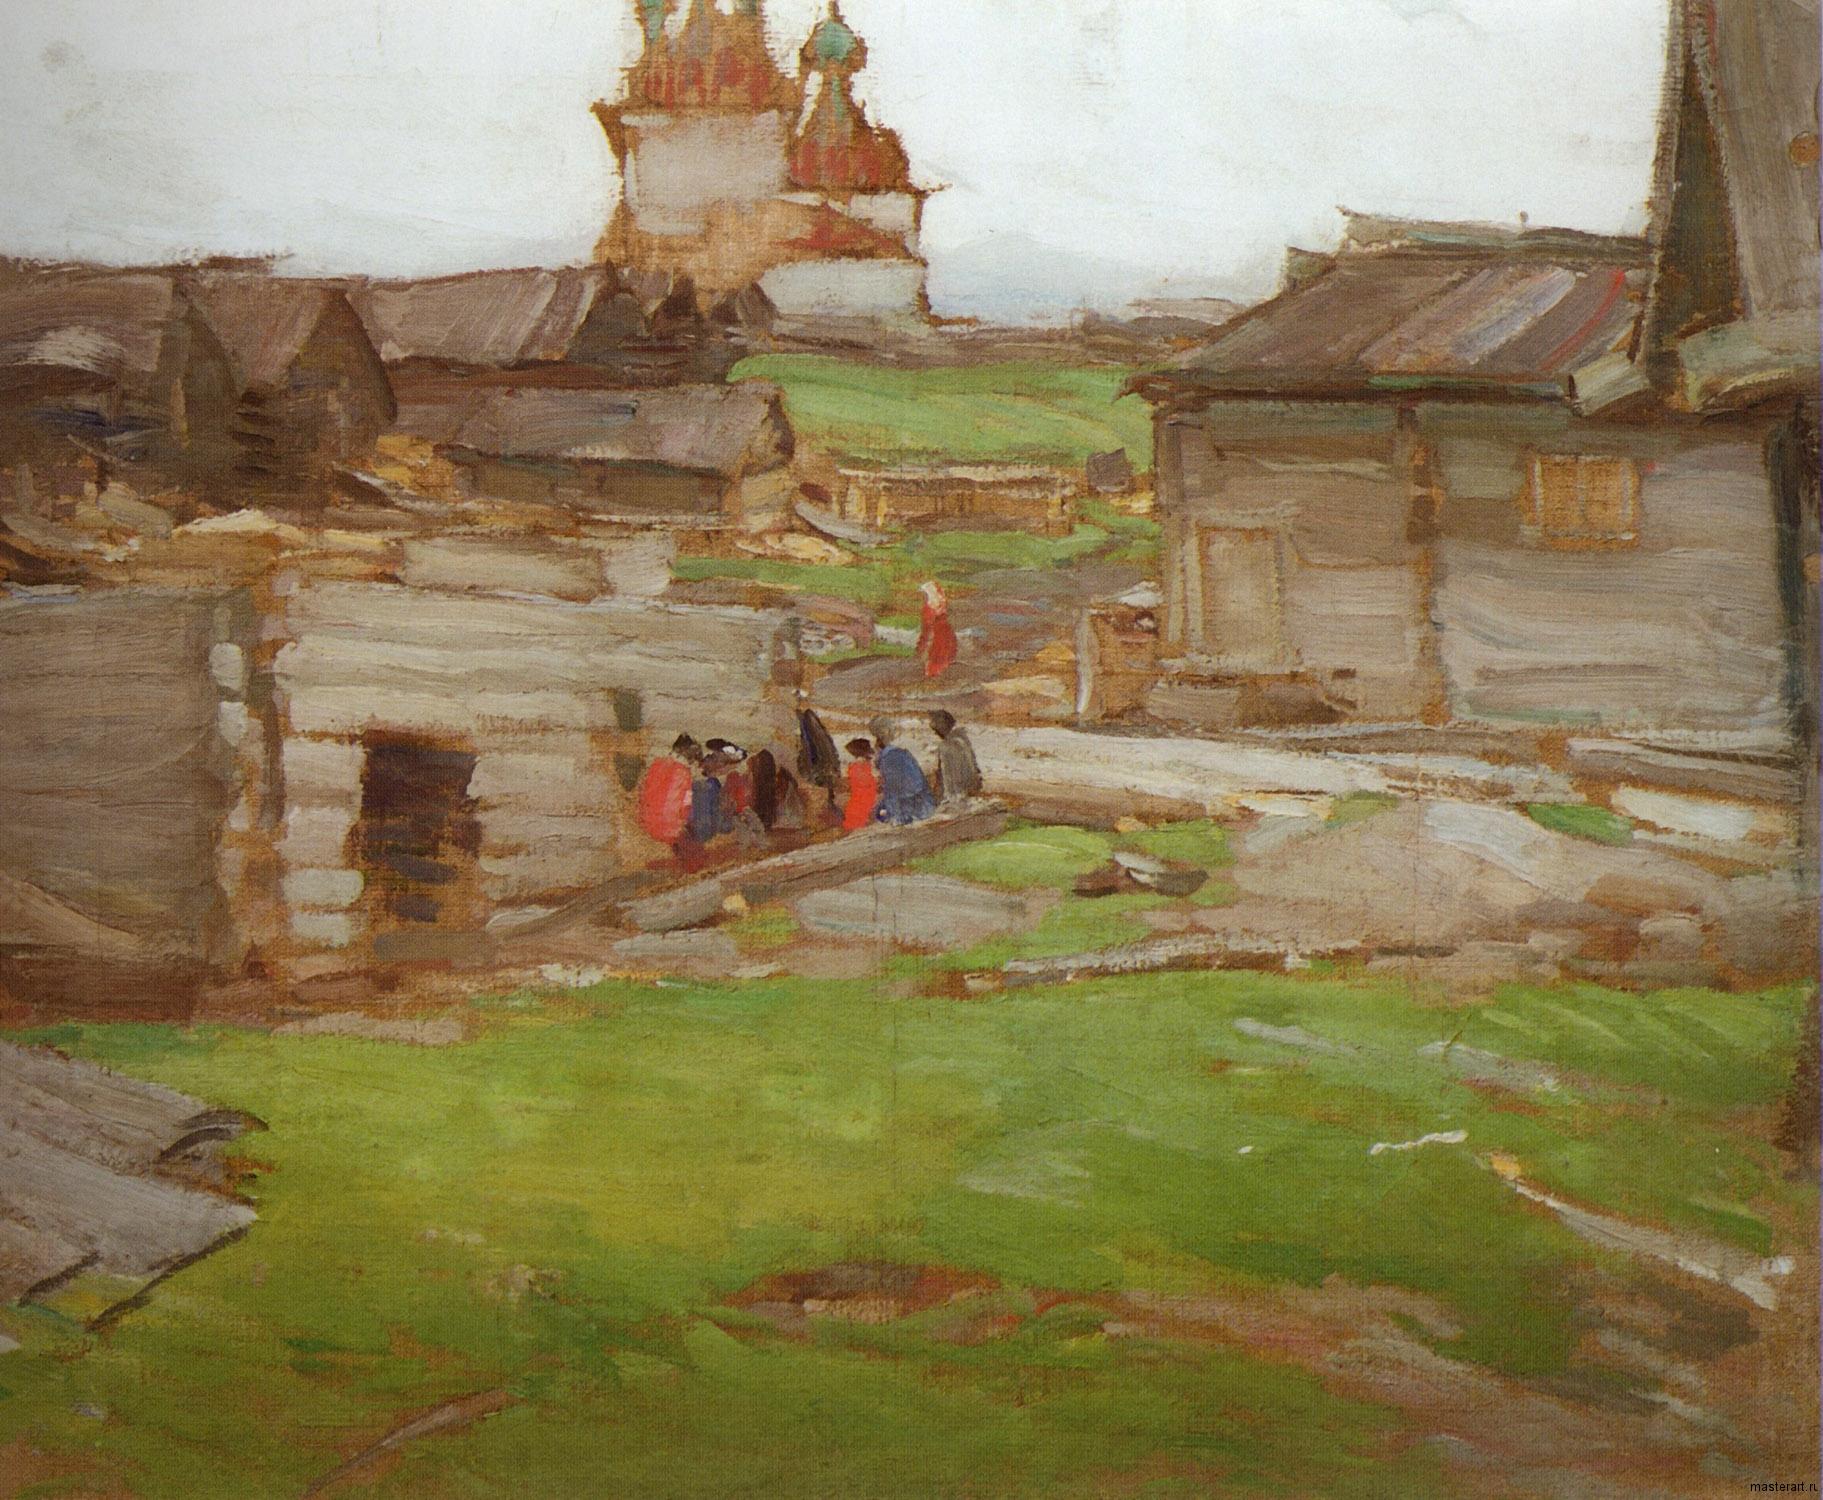 Пейзаж (Этюд со срубом) 1900е хм 70х83 Государственный музей изобразительных искусств Республики Татарстан